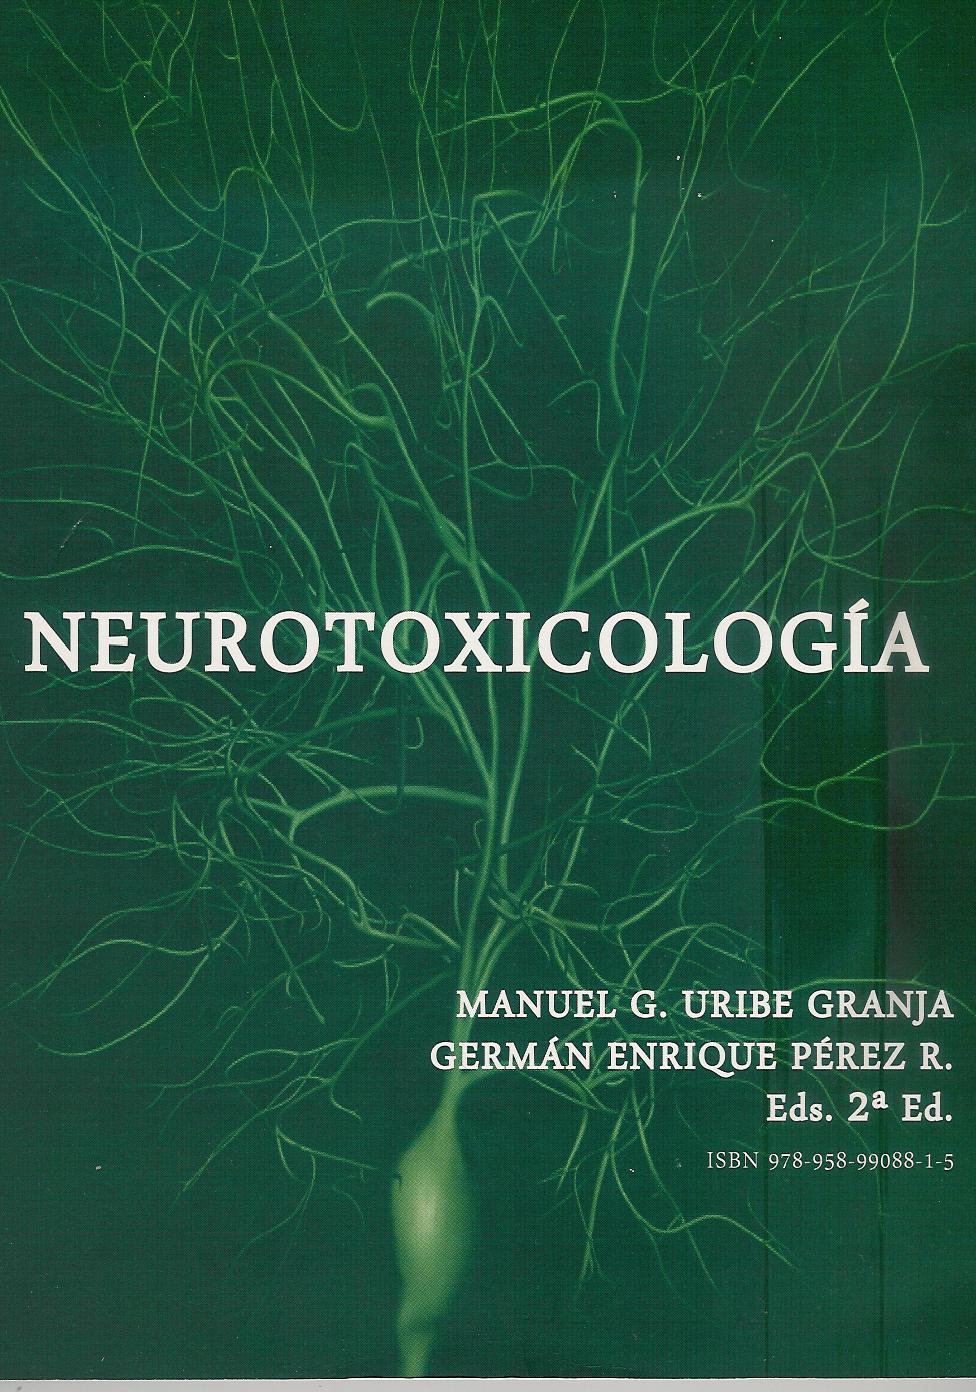 Neurotoxicología